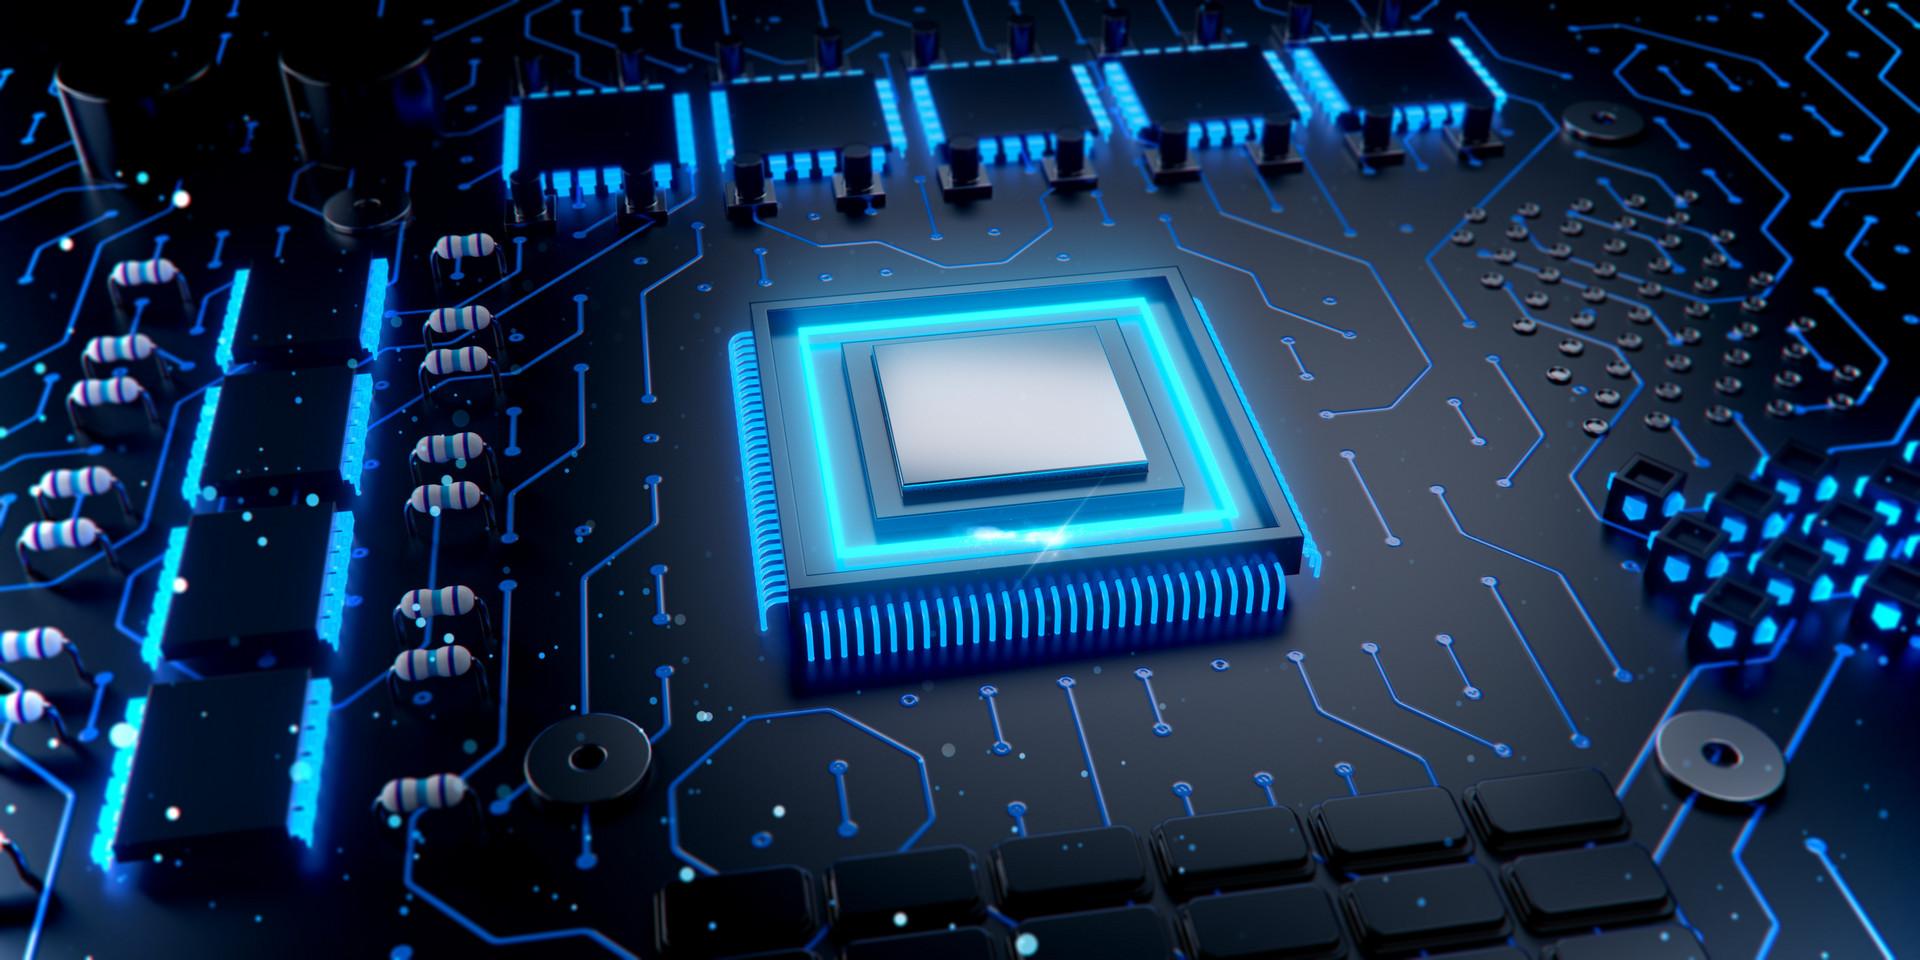 中国首次量产 64层3D NAND闪存芯片影响几何